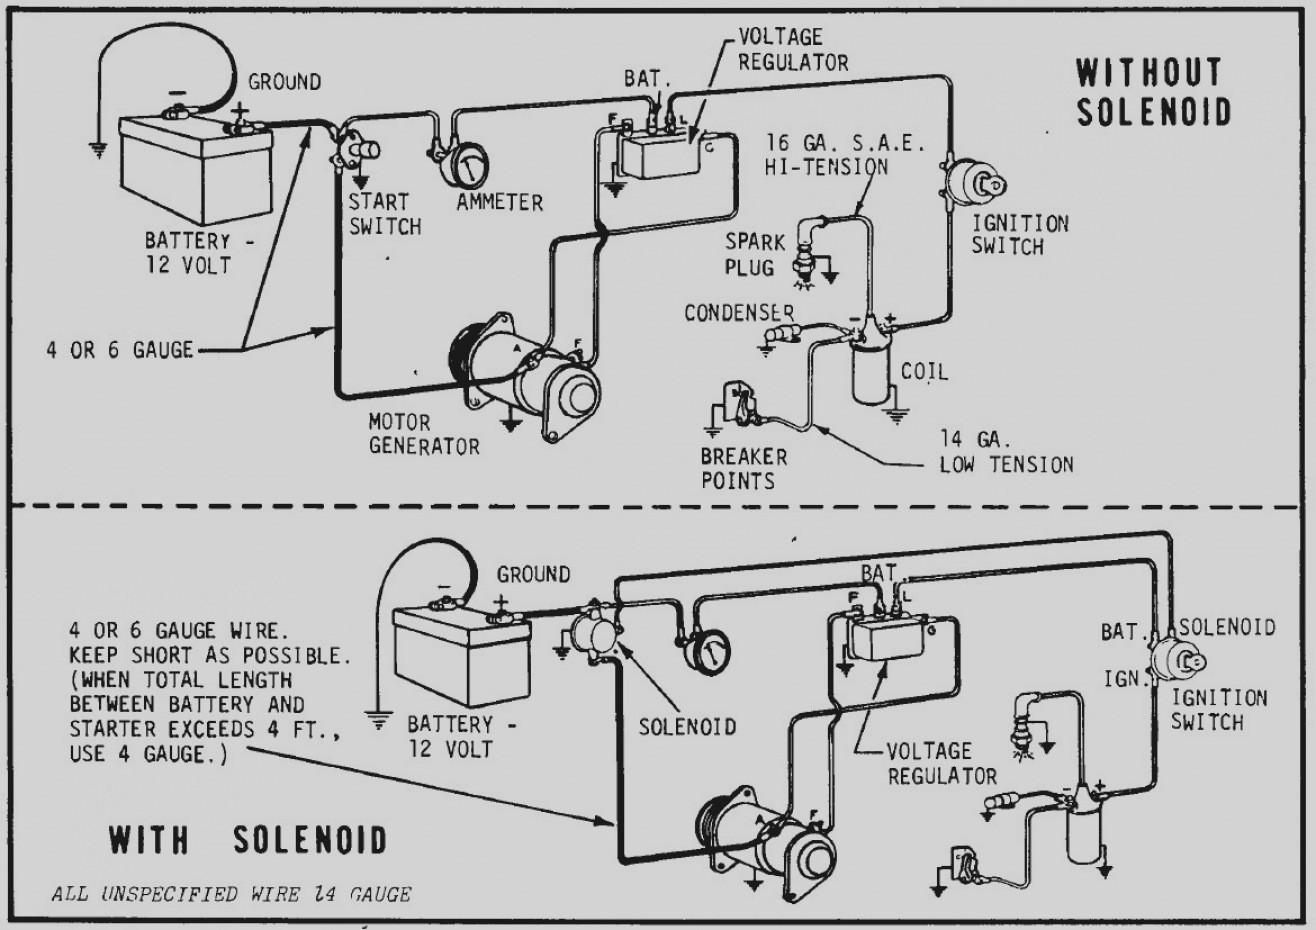 [DHAV_9290]  BZ_3230] Cub Cadet Wiring Short Schematic Wiring | Delco Starter Wiring Diagram 24 |  | Gue45 Sapebe Mohammedshrine Librar Wiring 101